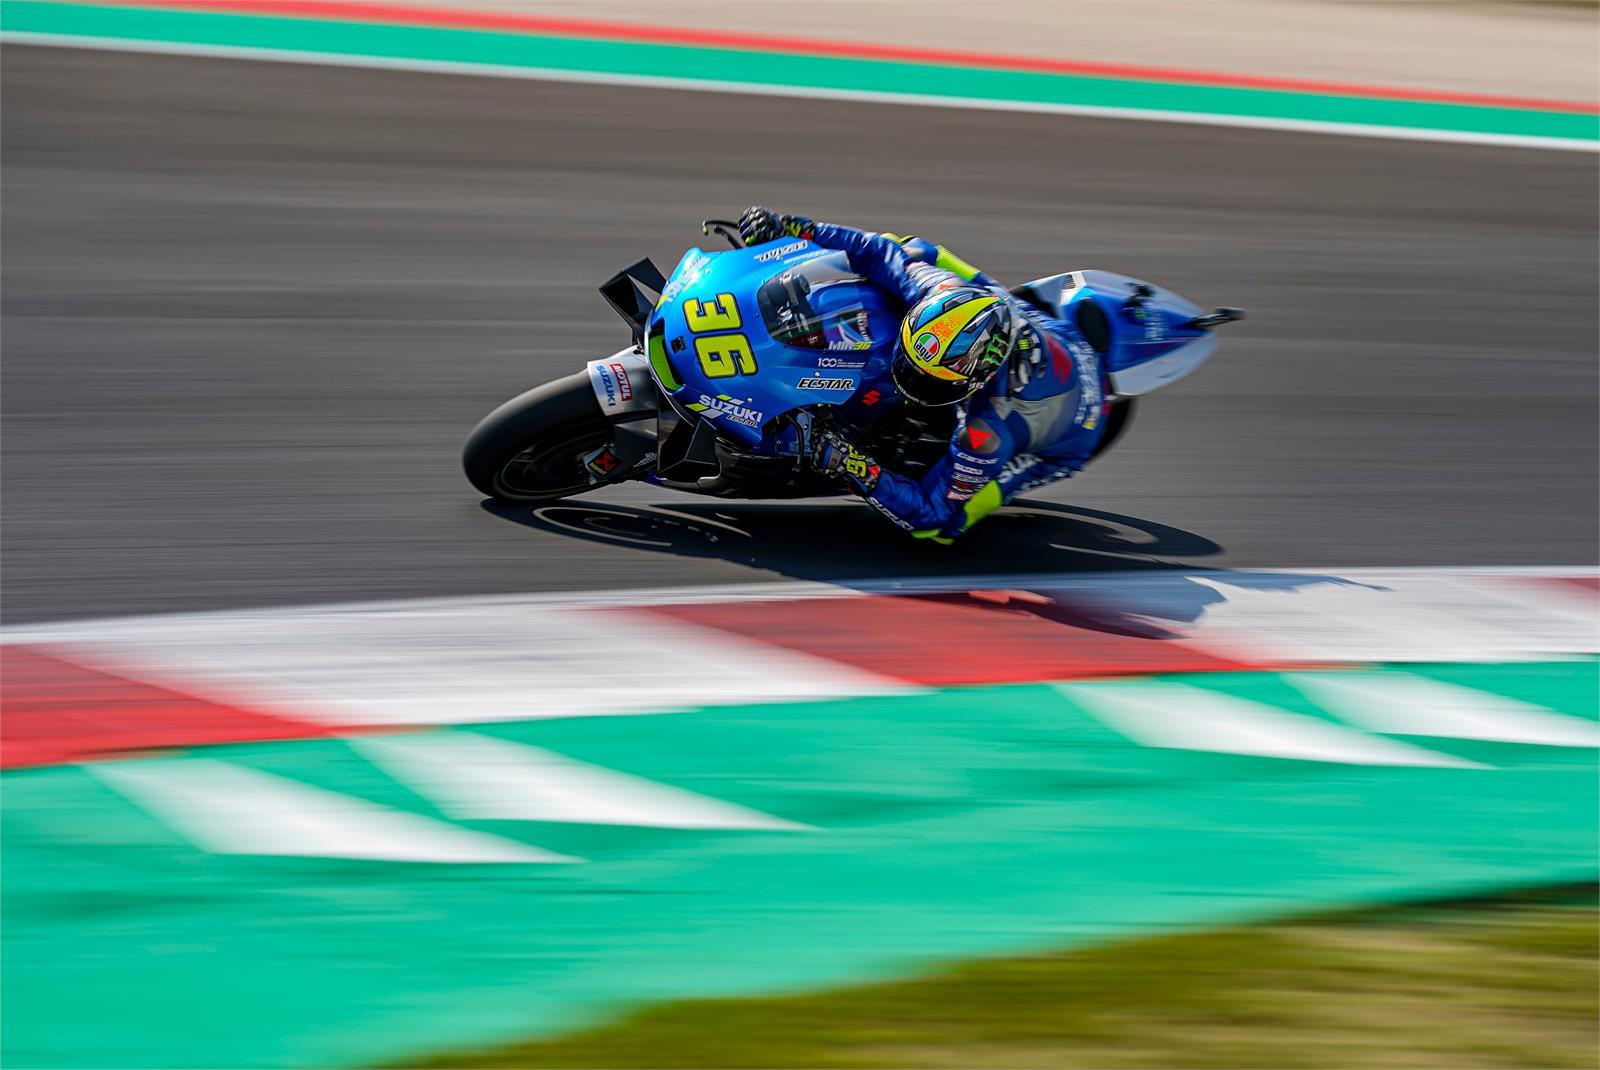 Joan Mir, test misano 2020, Ecstar Suzuki MotoGP